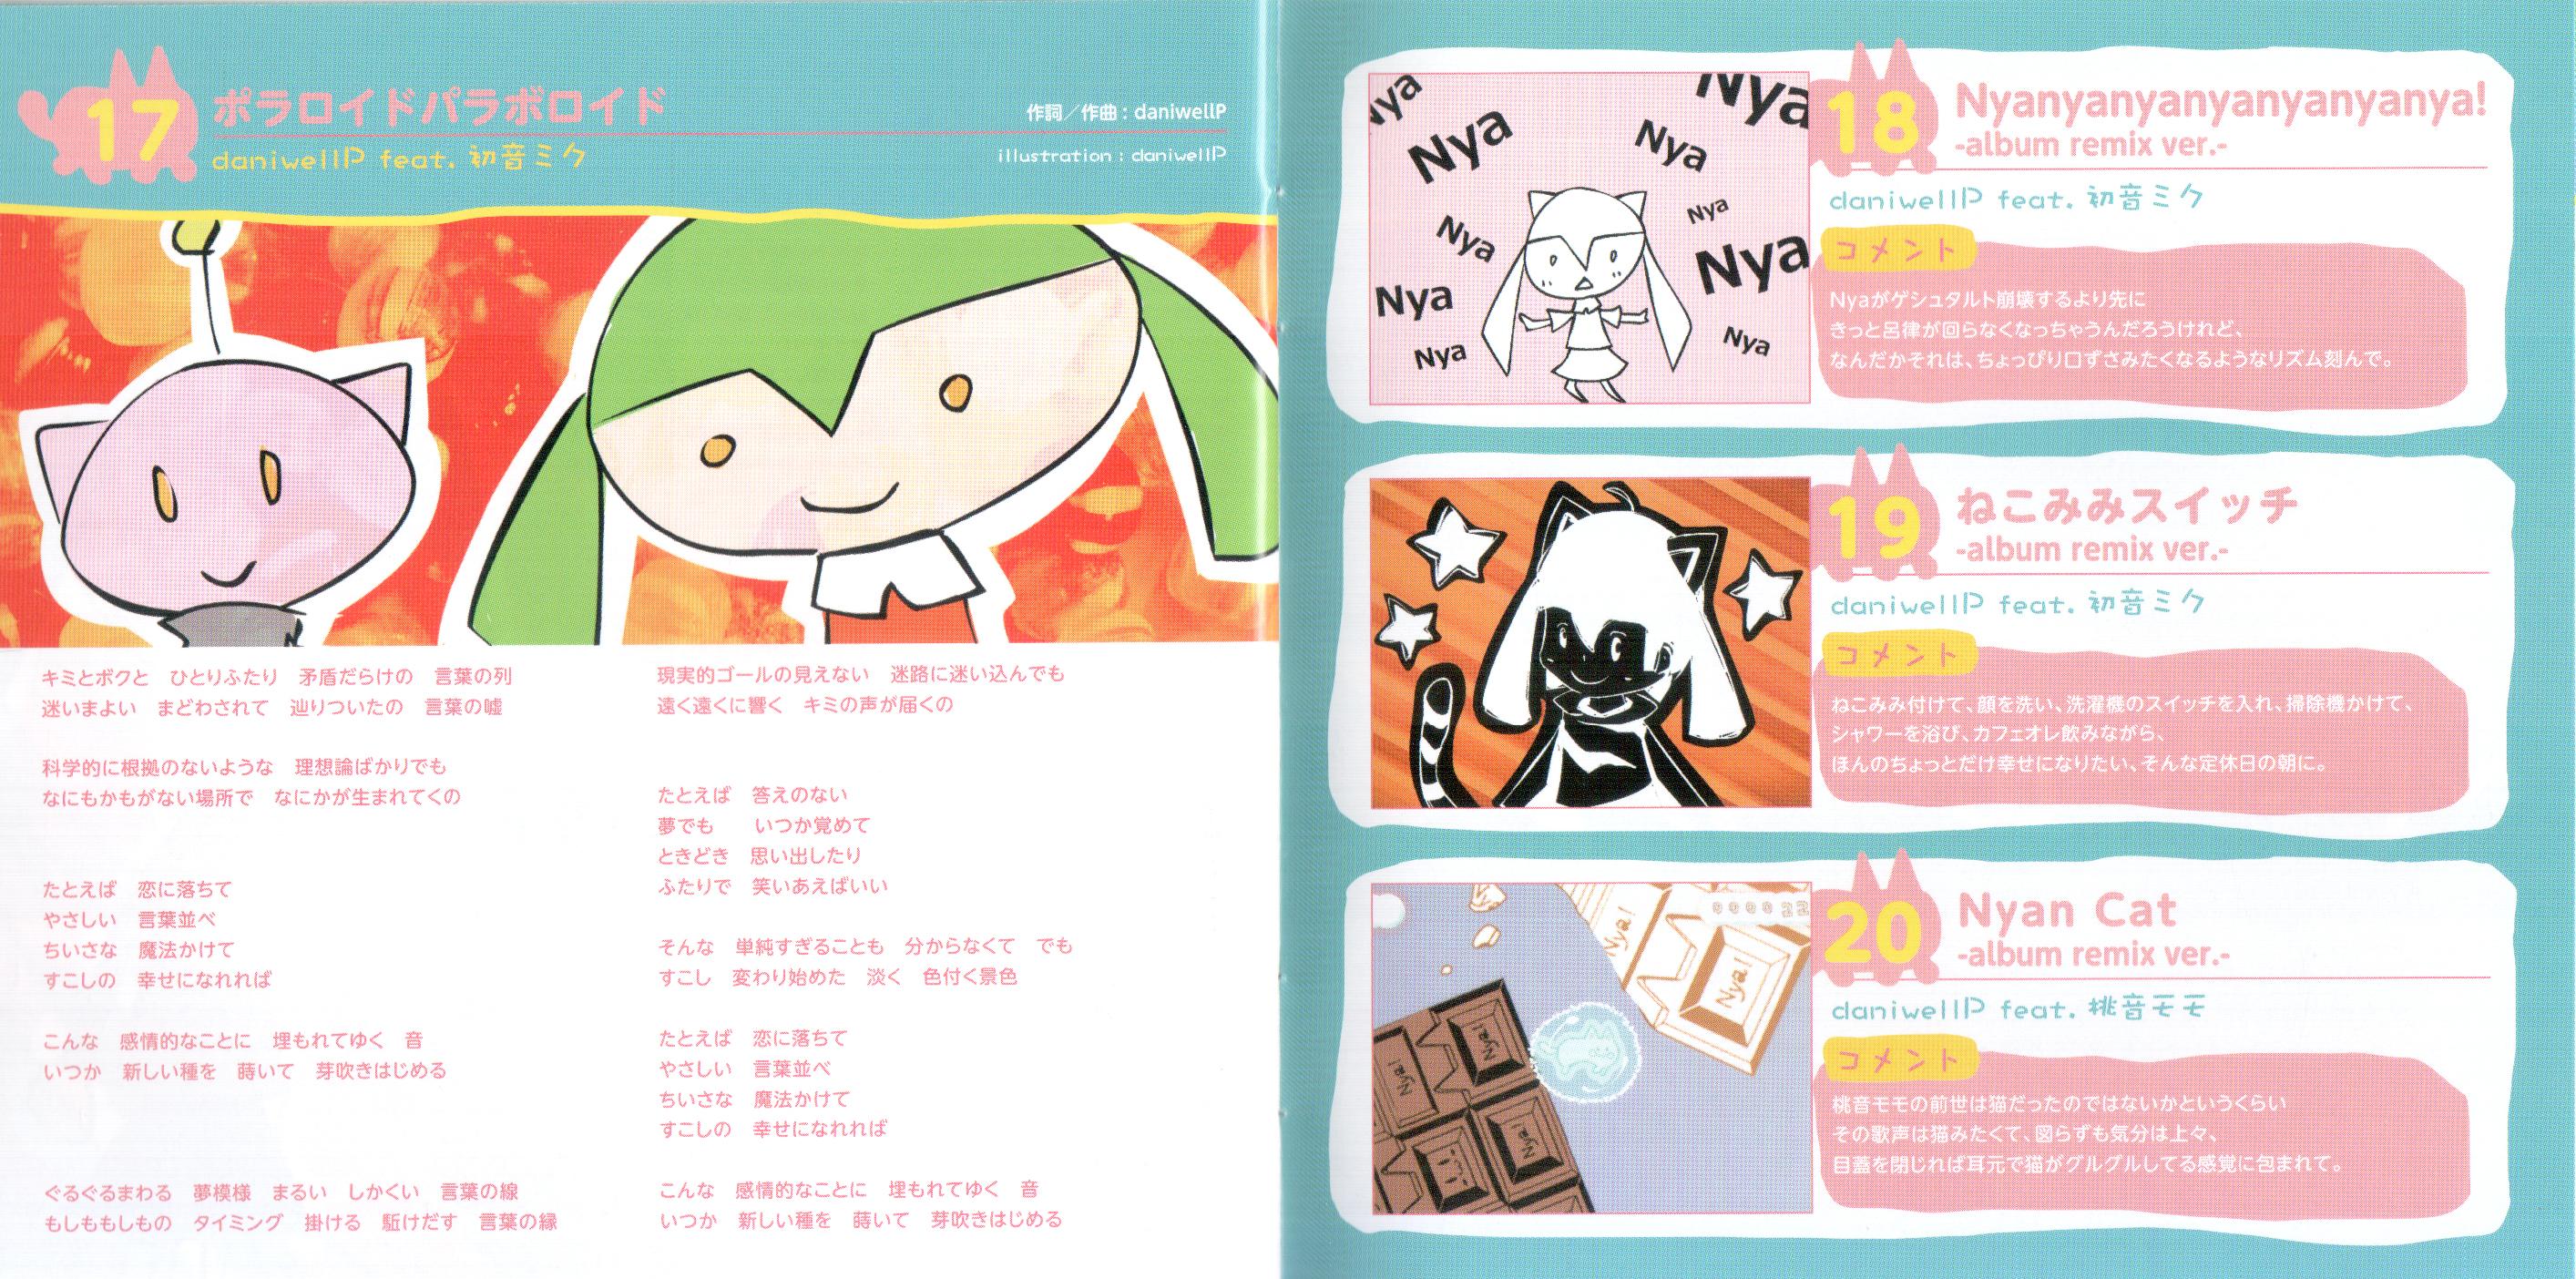 daniwell】Nyan Cat【CBR 320kbps】【CD & Goodies Scans】 | VOC@LOID D@SH